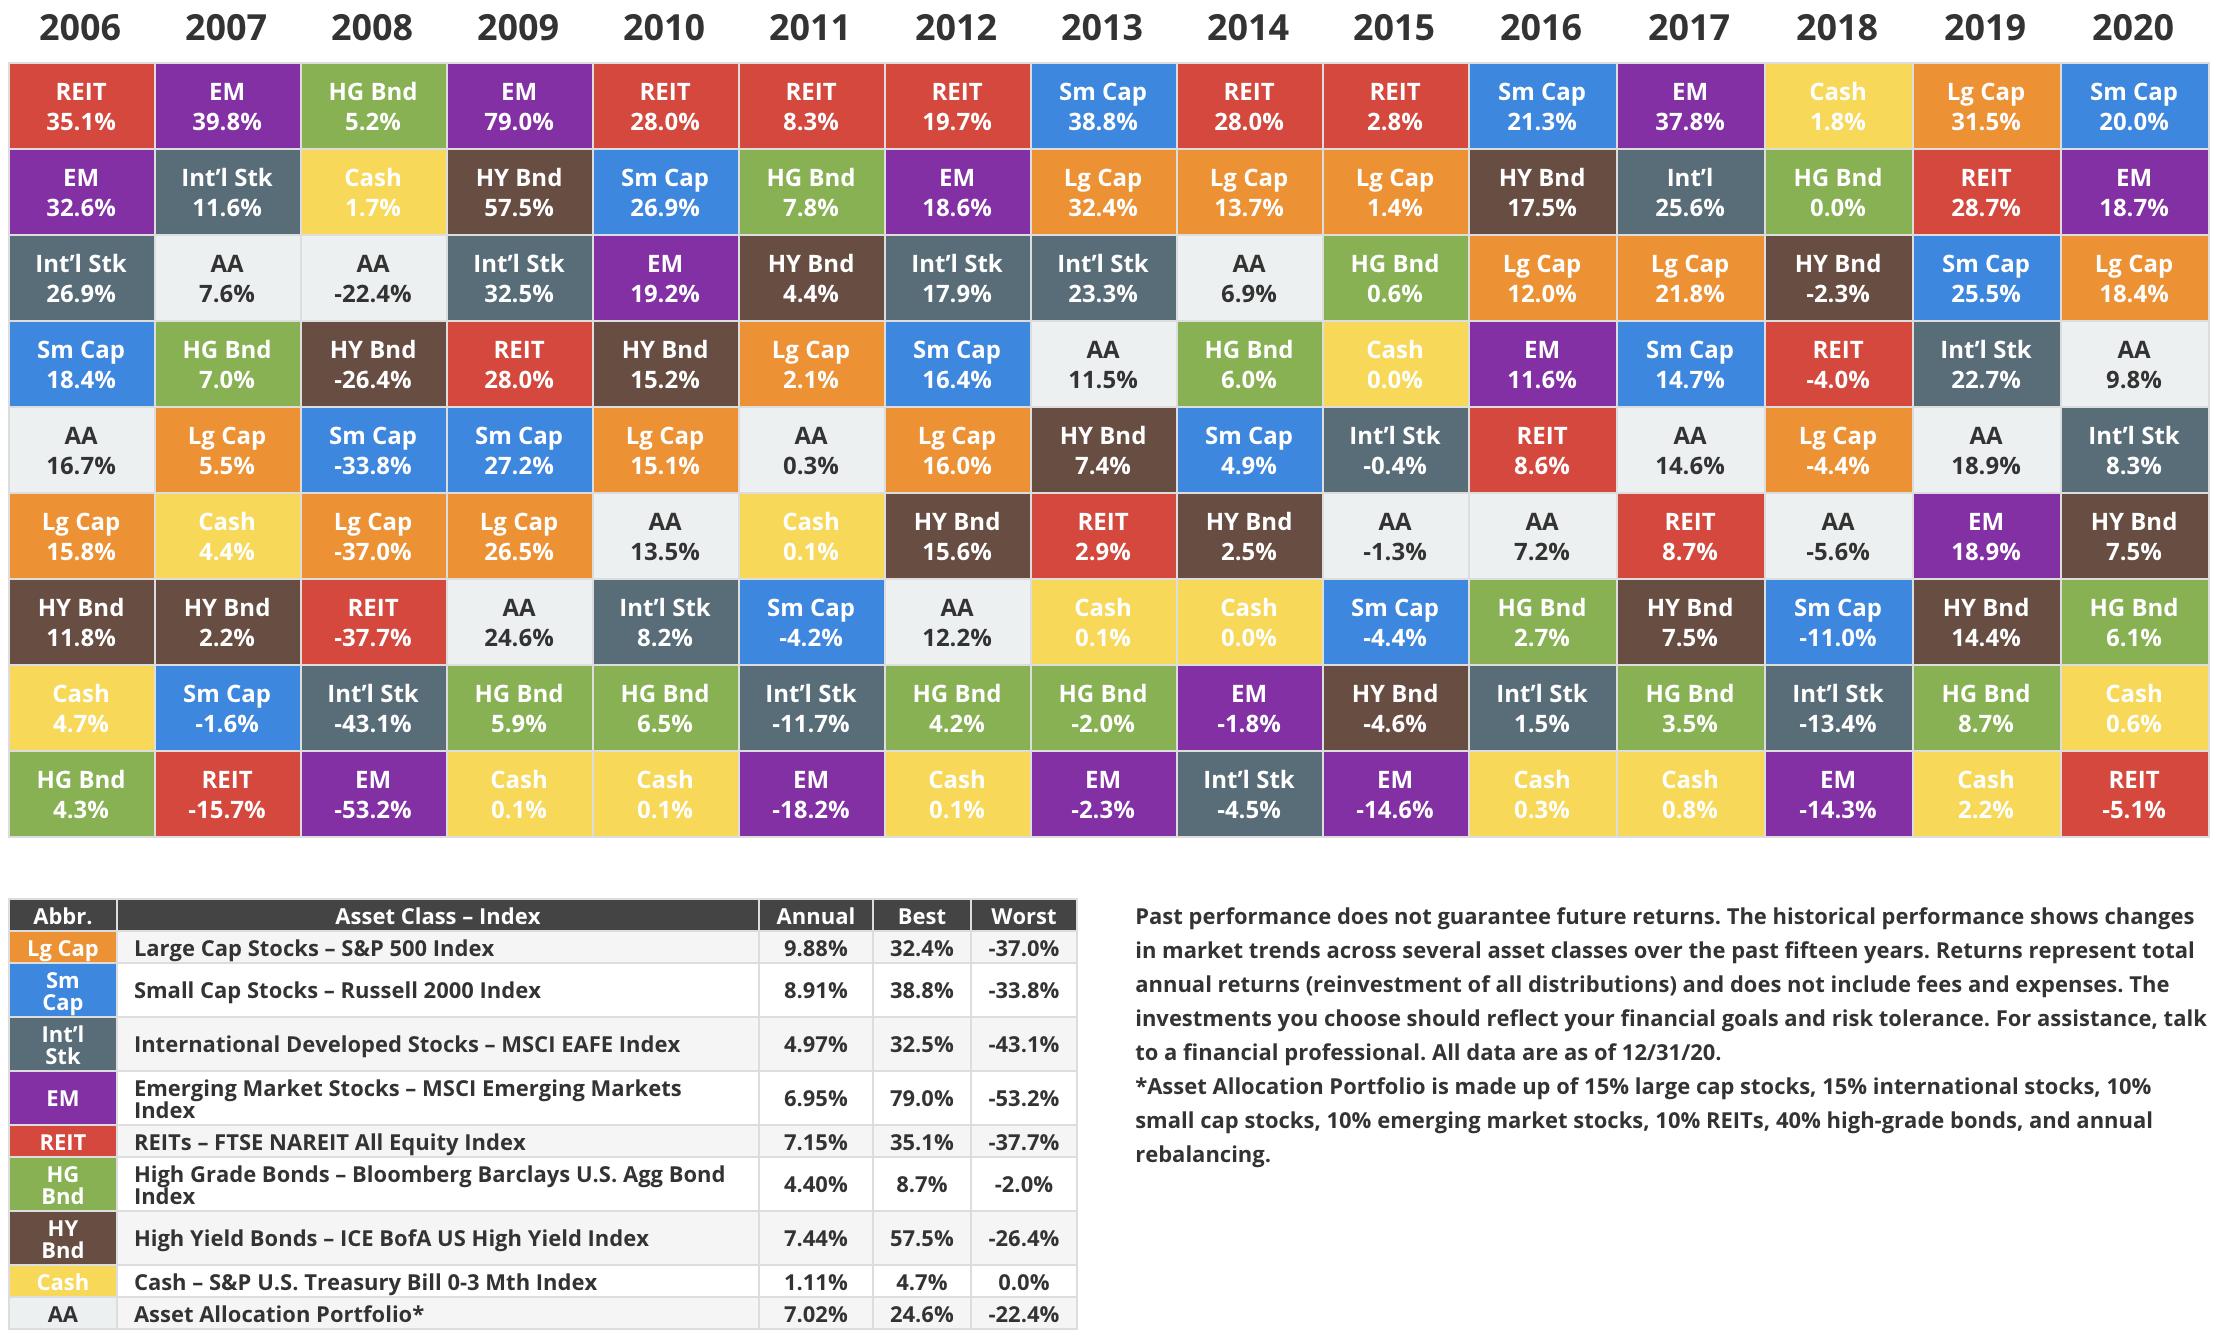 Asset Allocation und die Rendite verschiedener Assetklassen